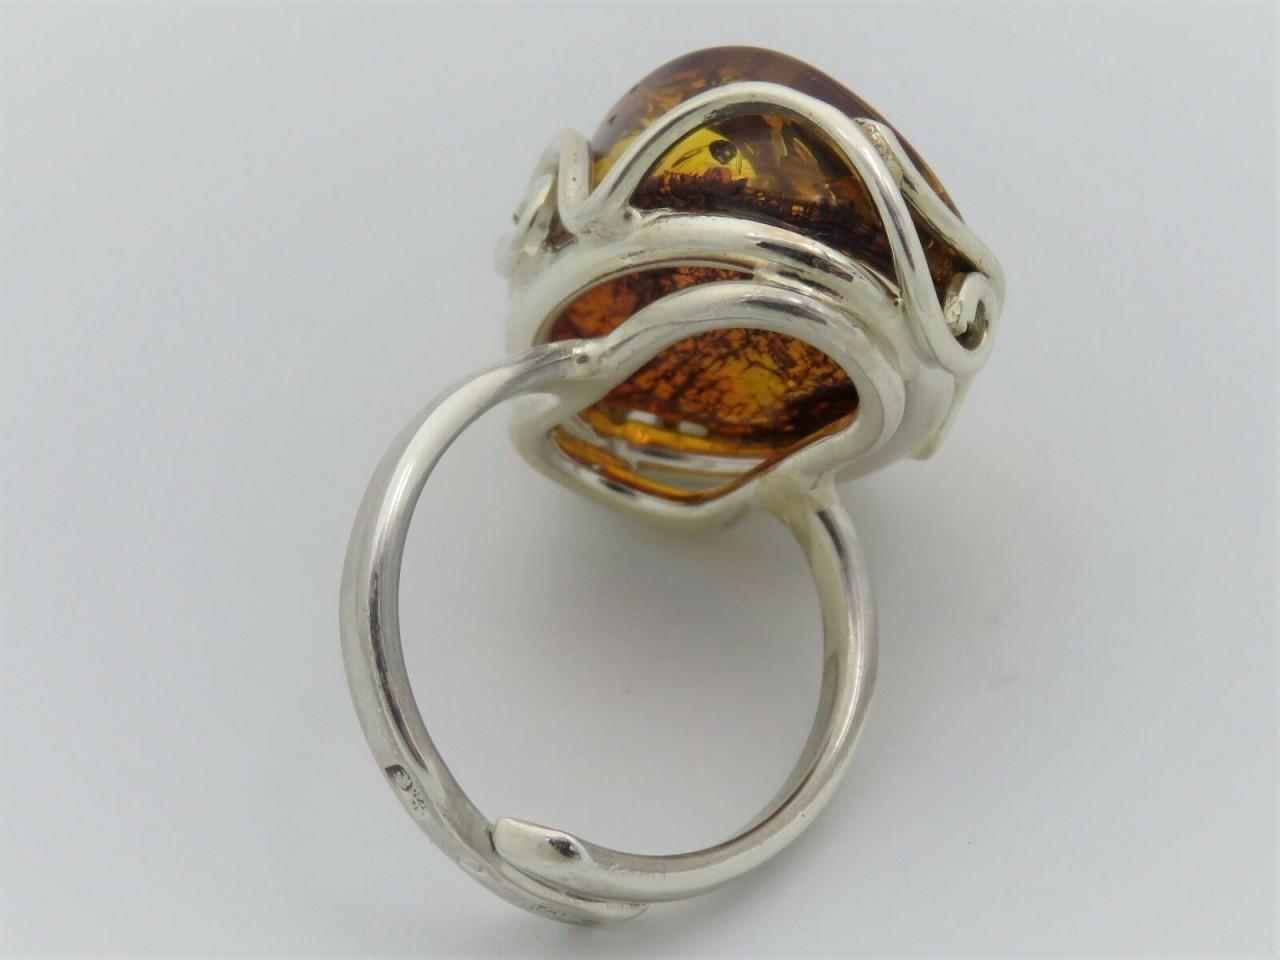 Neu Ring groß echt Natur Bernstein braun echt Silber 925 Sterlinsilber Top cogna